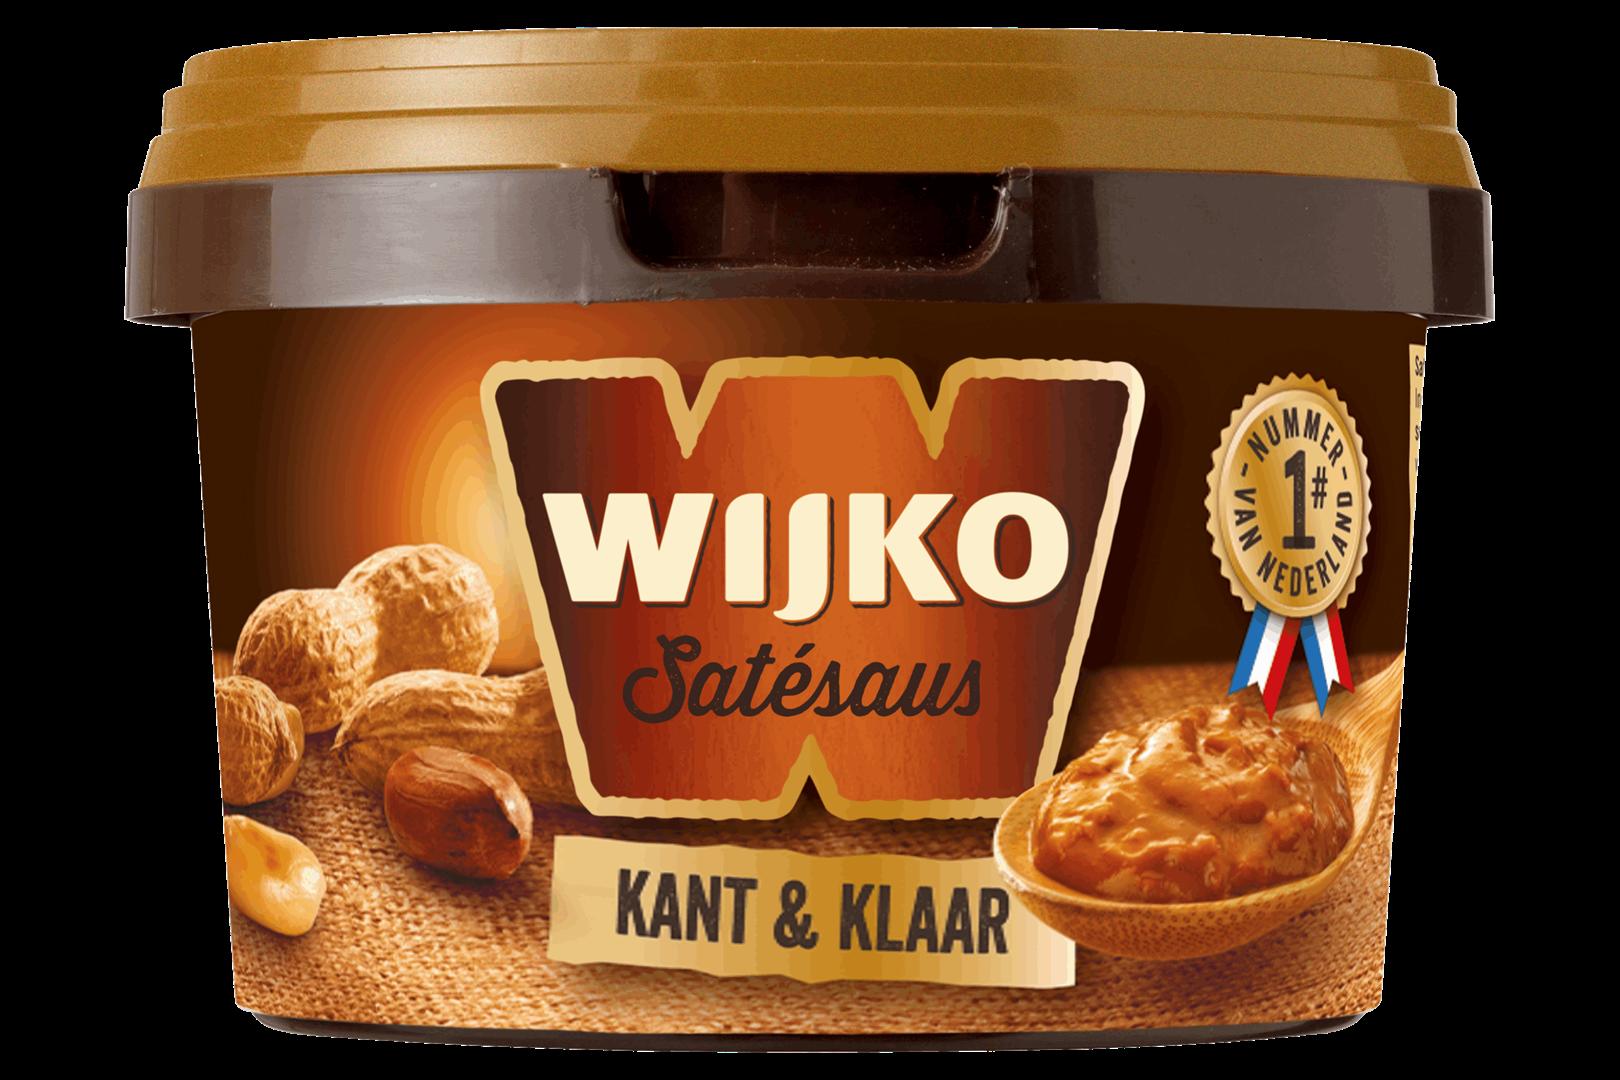 Productafbeelding Wijko Satésaus Kant & Klaar 500 g Bakje